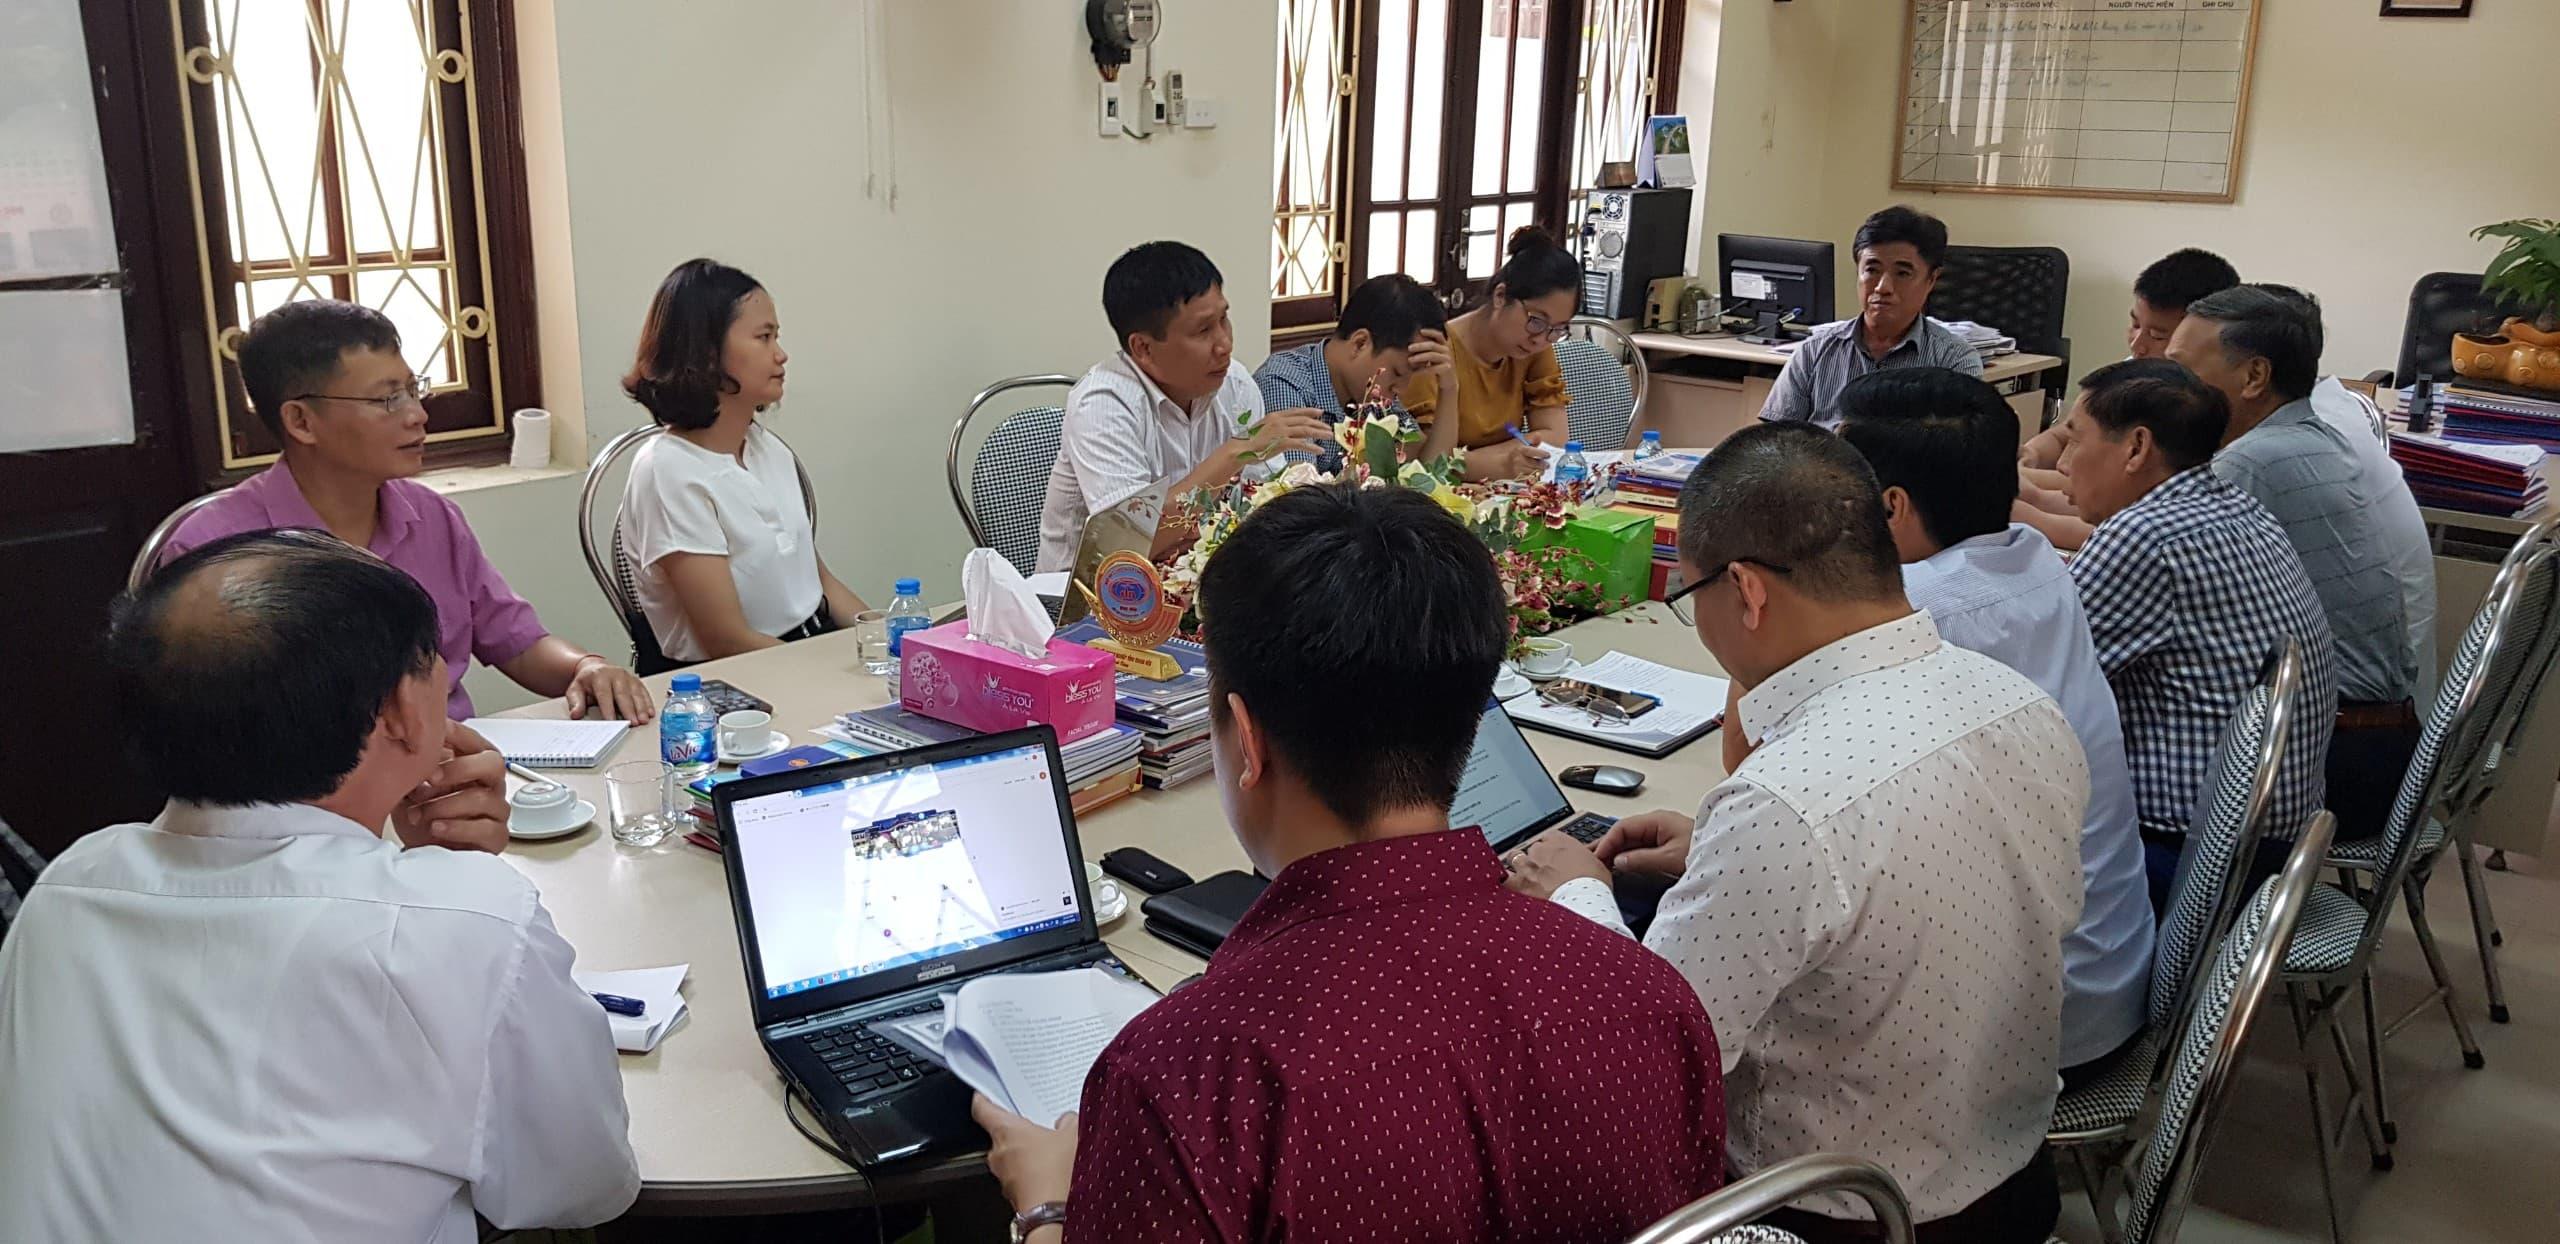 Hiệp hội Doanh nghiệp nhỏ và vừa tỉnh Bắc Ninh làm việc với đoàn công tác Viện Kinh tế Việt Nam